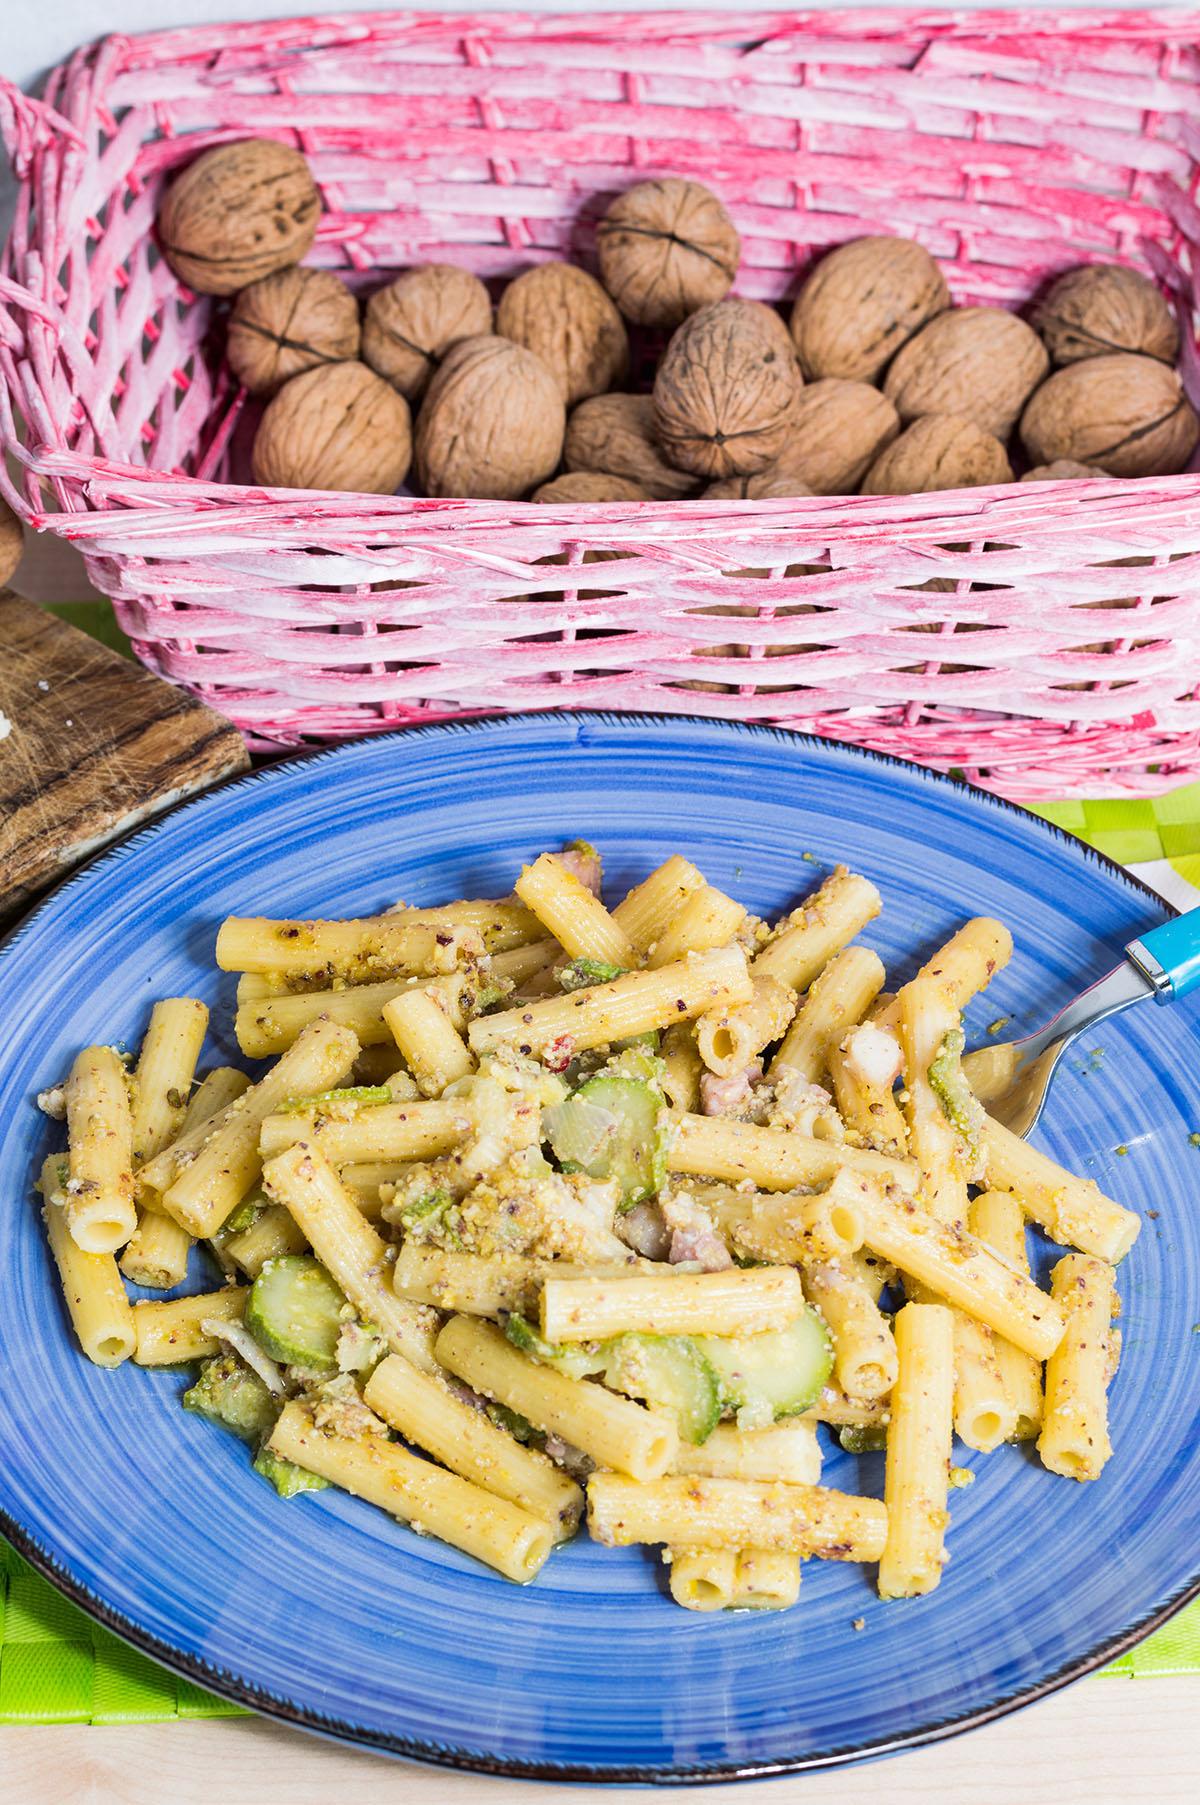 Pasta noci e zucchine: la ricetta veloce e golosa